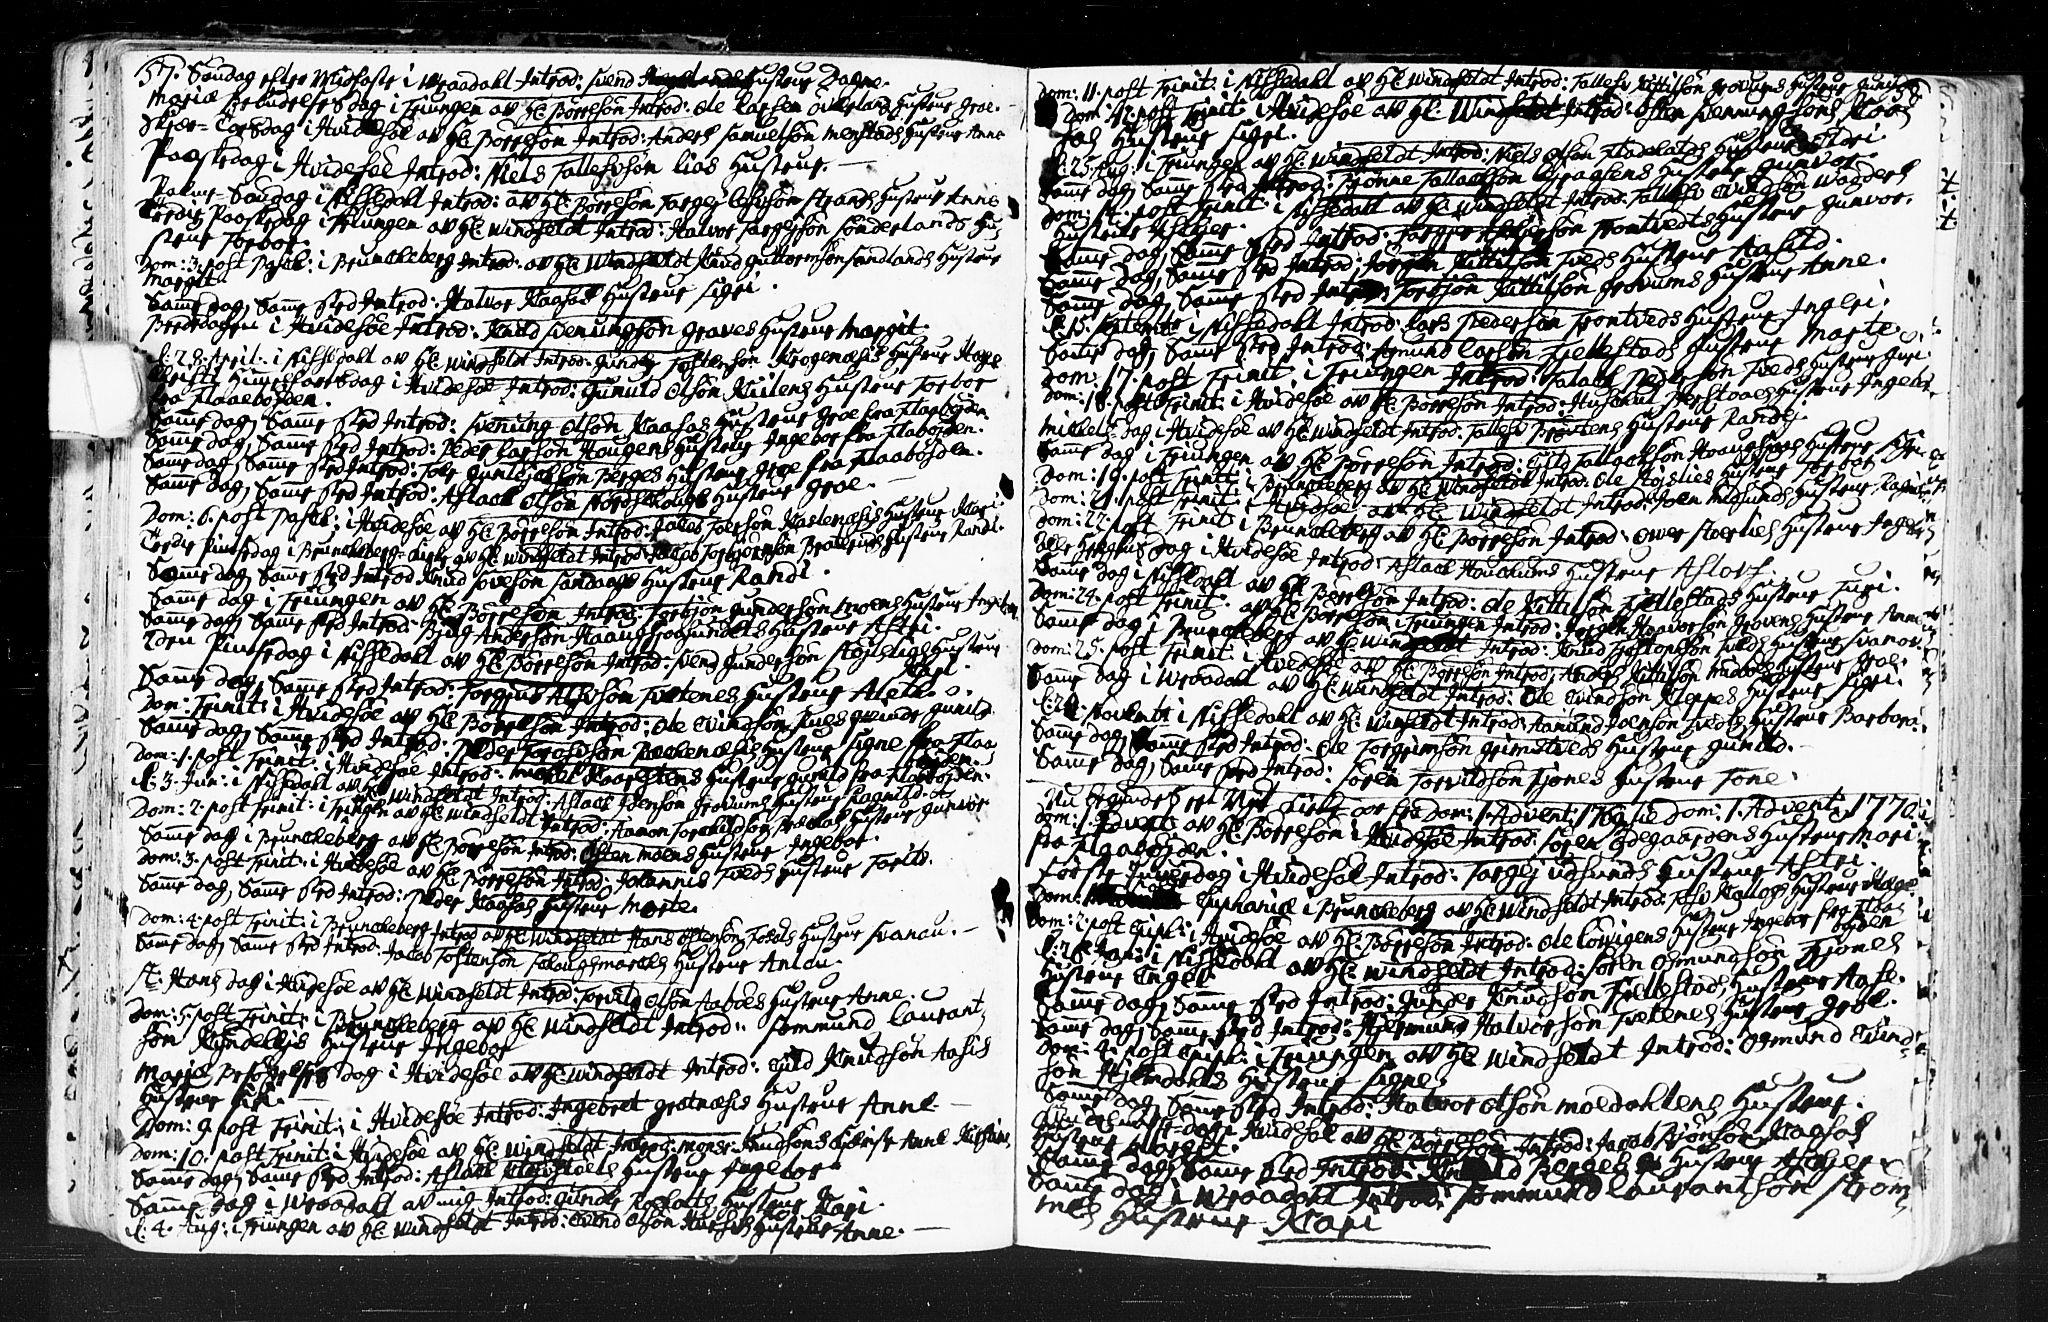 SAKO, Kviteseid kirkebøker, F/Fa/L0001: Ministerialbok nr. I 1, 1754-1773, s. 57-58